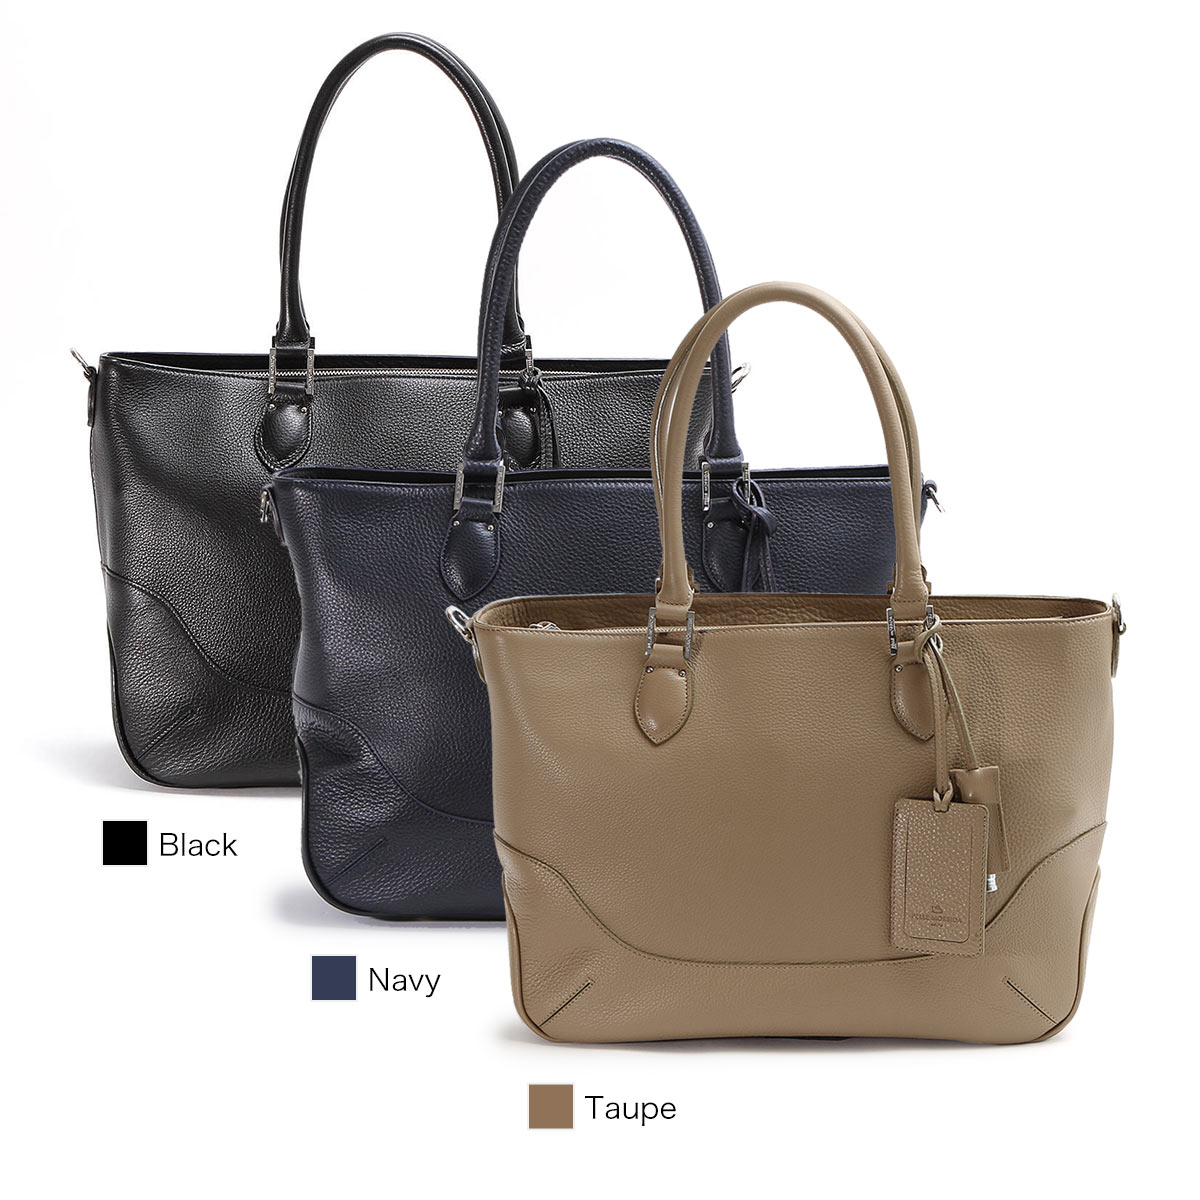 【正規販売店】ペッレモルビダ トートバッグ 横型 Tote bag(Width) Maiden Maiden Maiden Voyage PELLE MORBIDA PMO-MB048 2b7